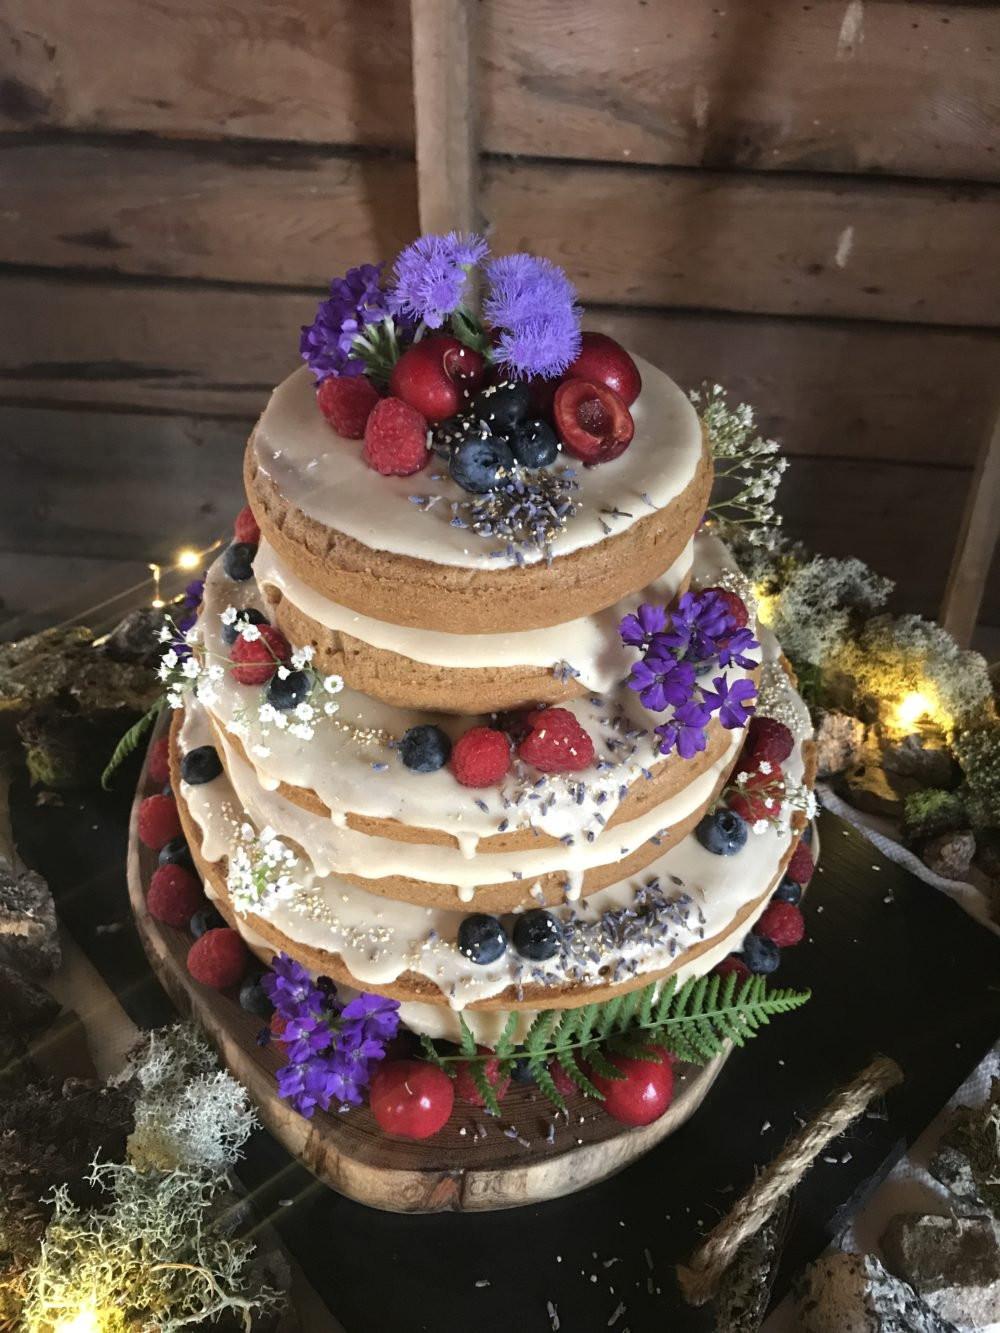 Vegan Wedding Cakes  How I Made a Glam 3 Tier Vegan Wedding Cake & Lived to